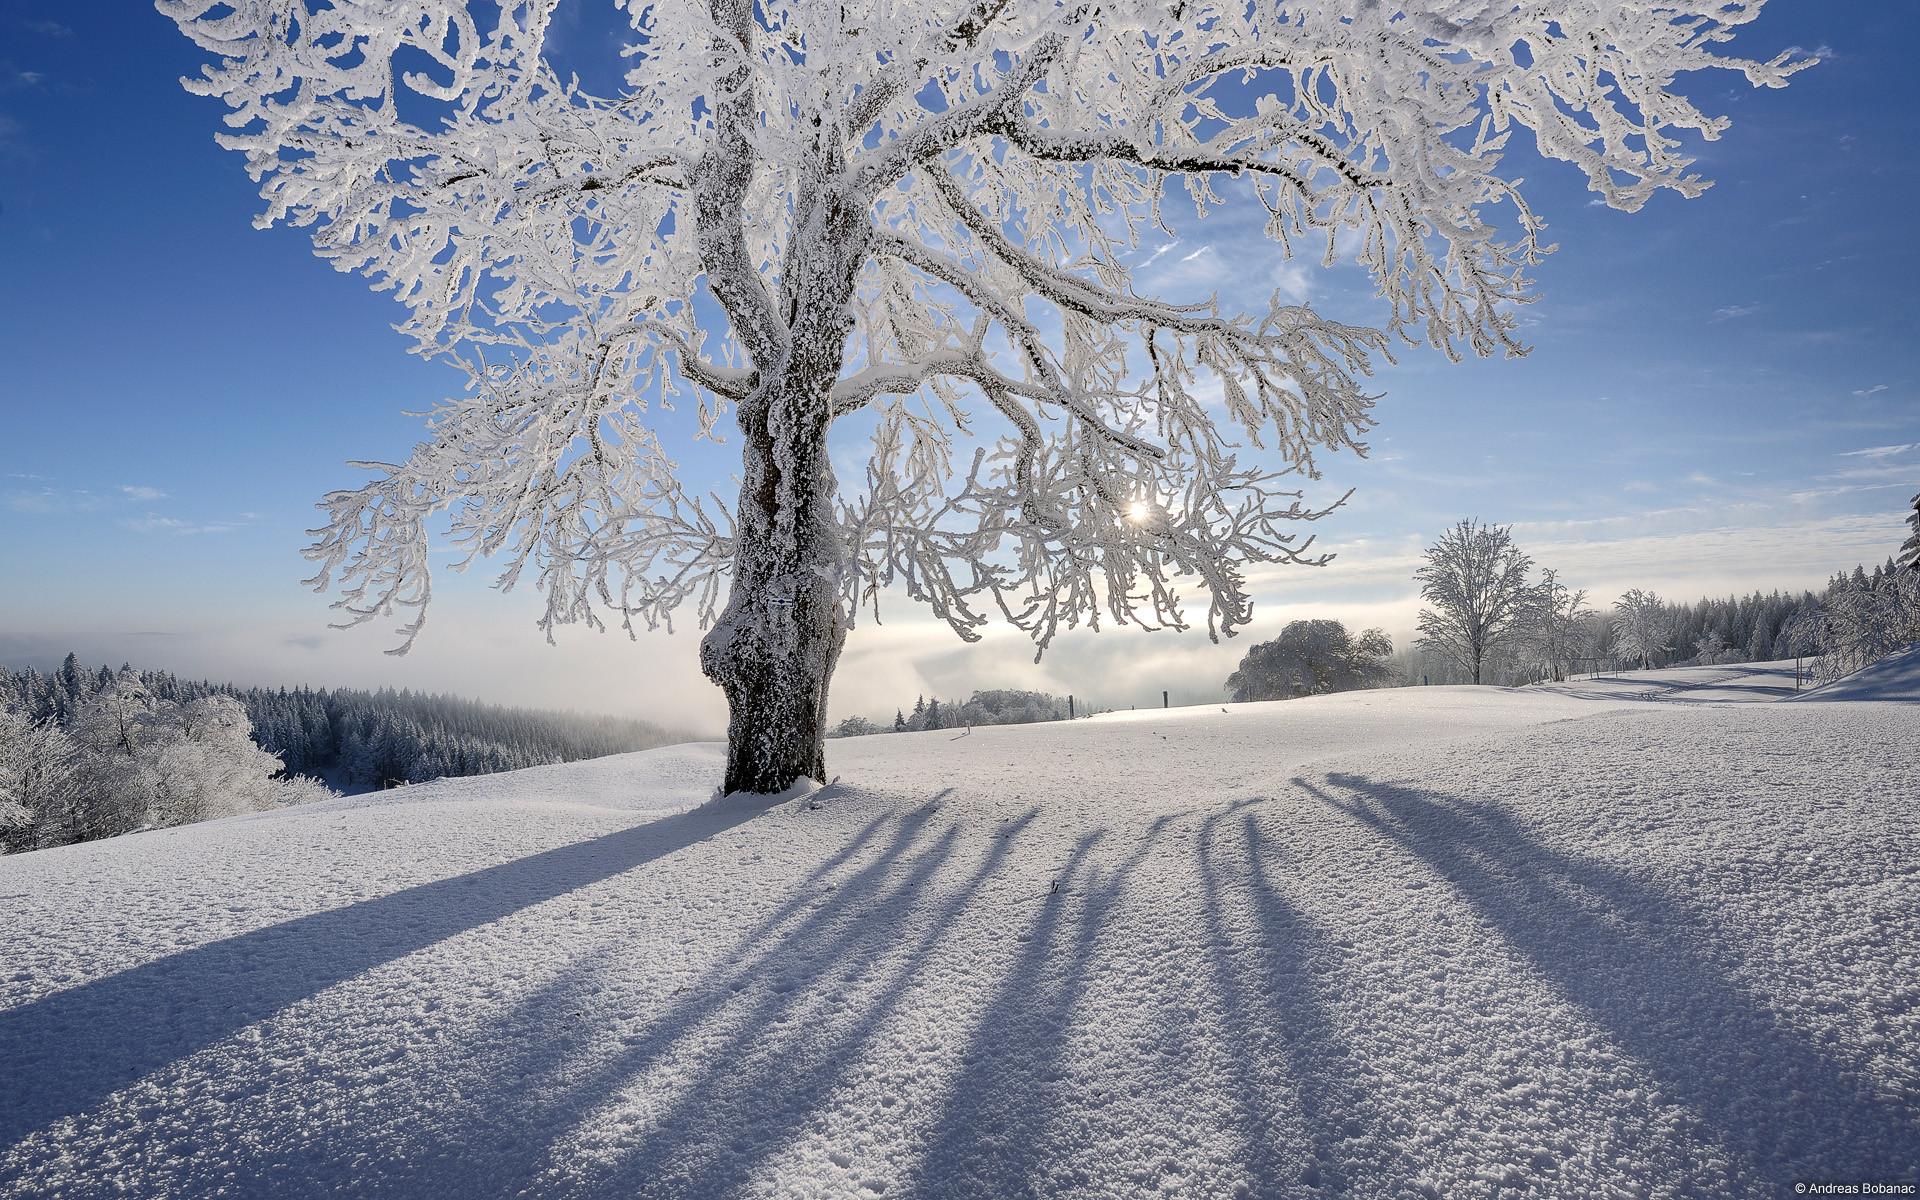 www.hqwalls.com/2012/12/winter-and .